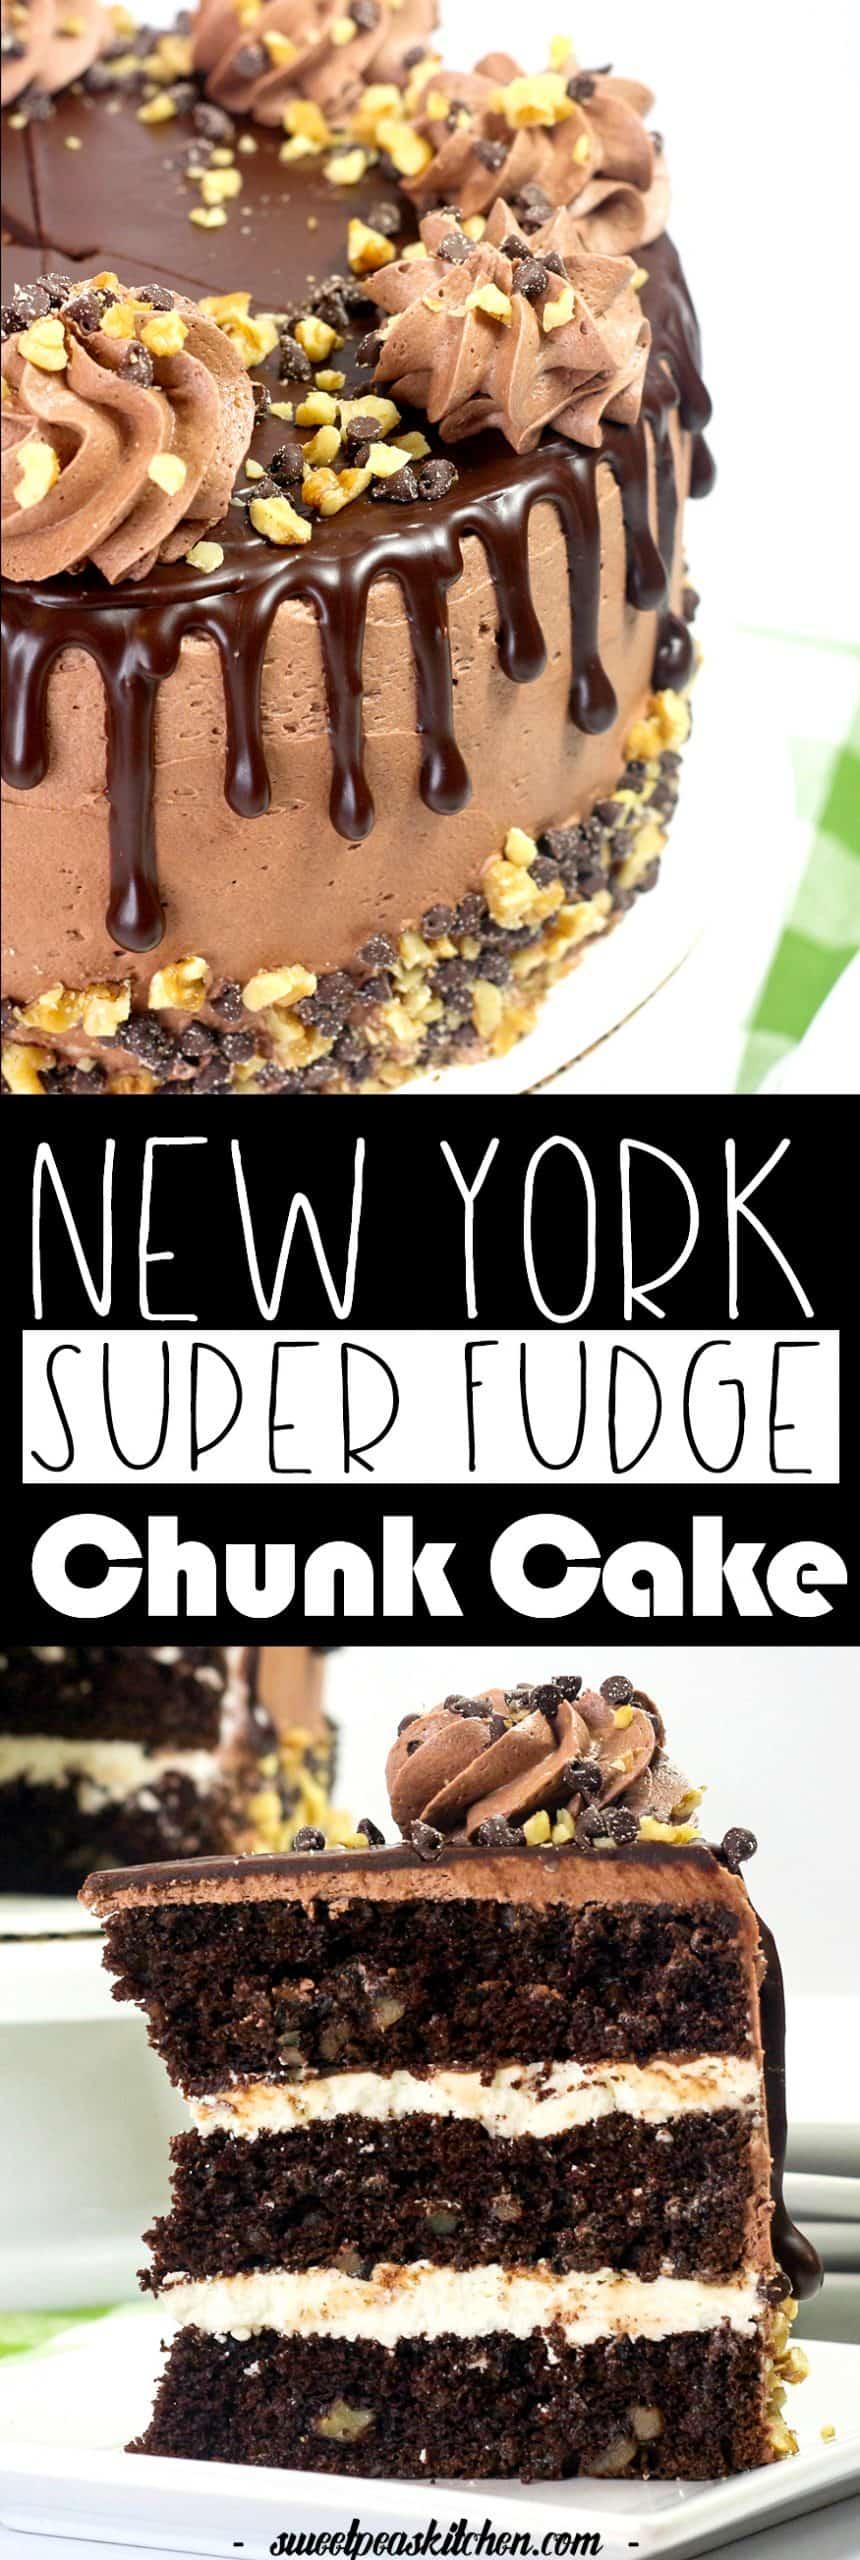 Decadent Chocolate Fudge Cake Recipe